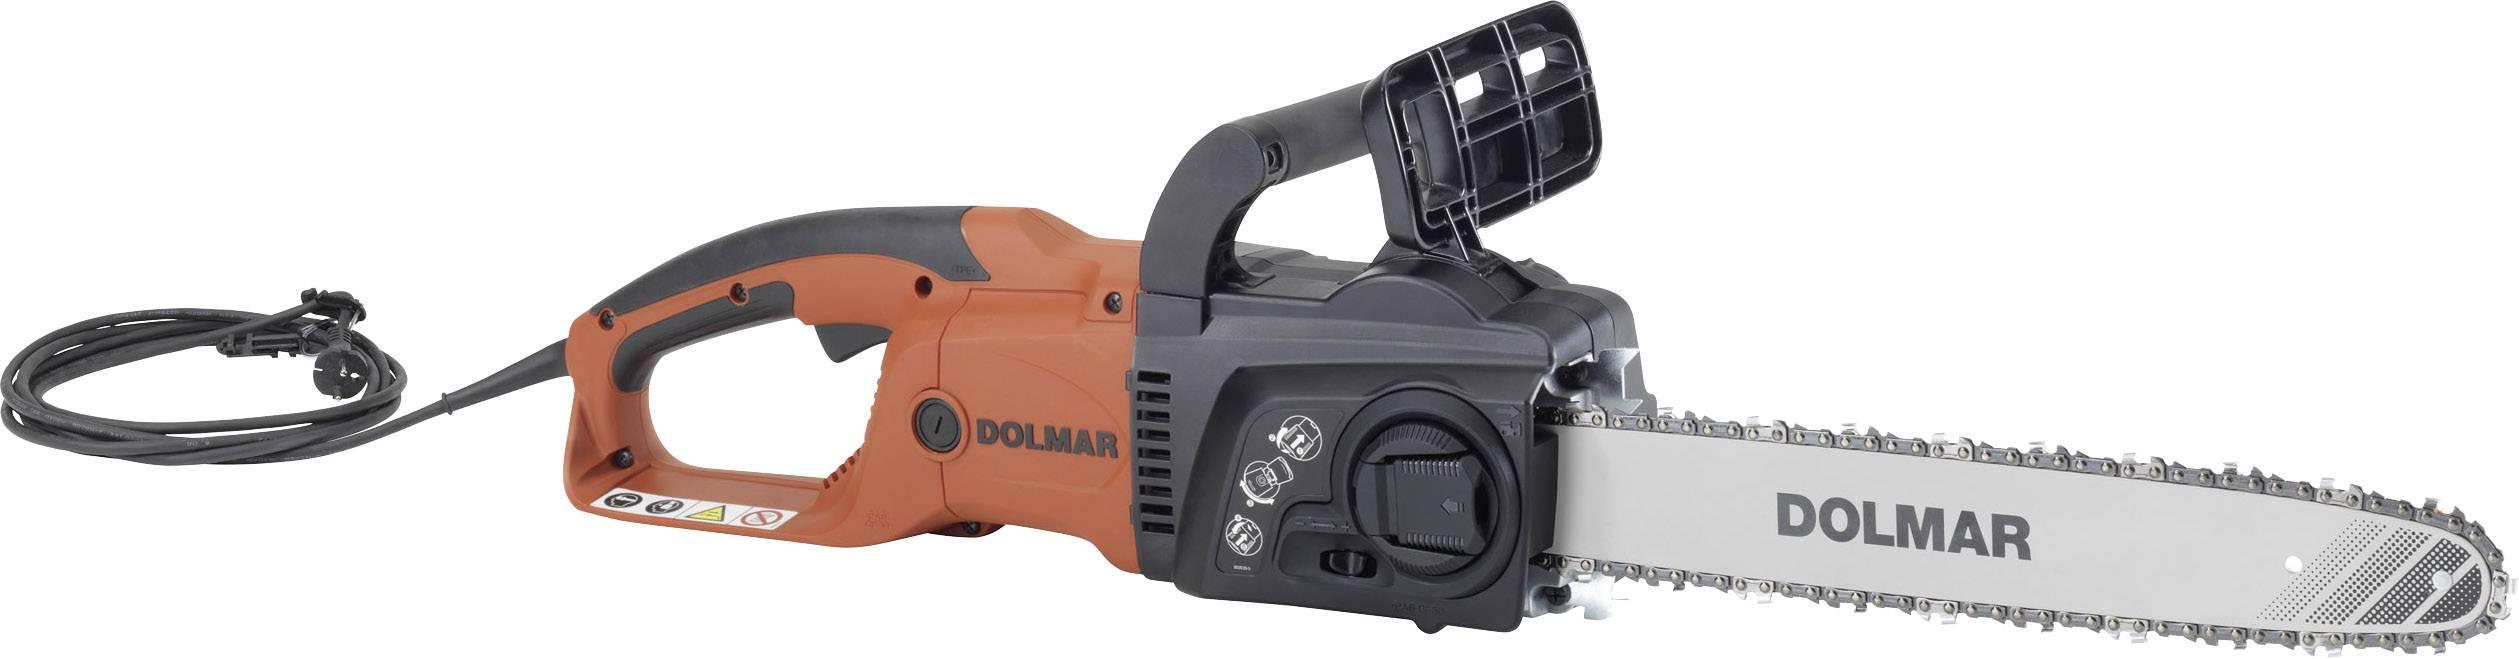 Elektrická řetězová pila DOLMAR ES2141TLC, délka čepele 400 mm